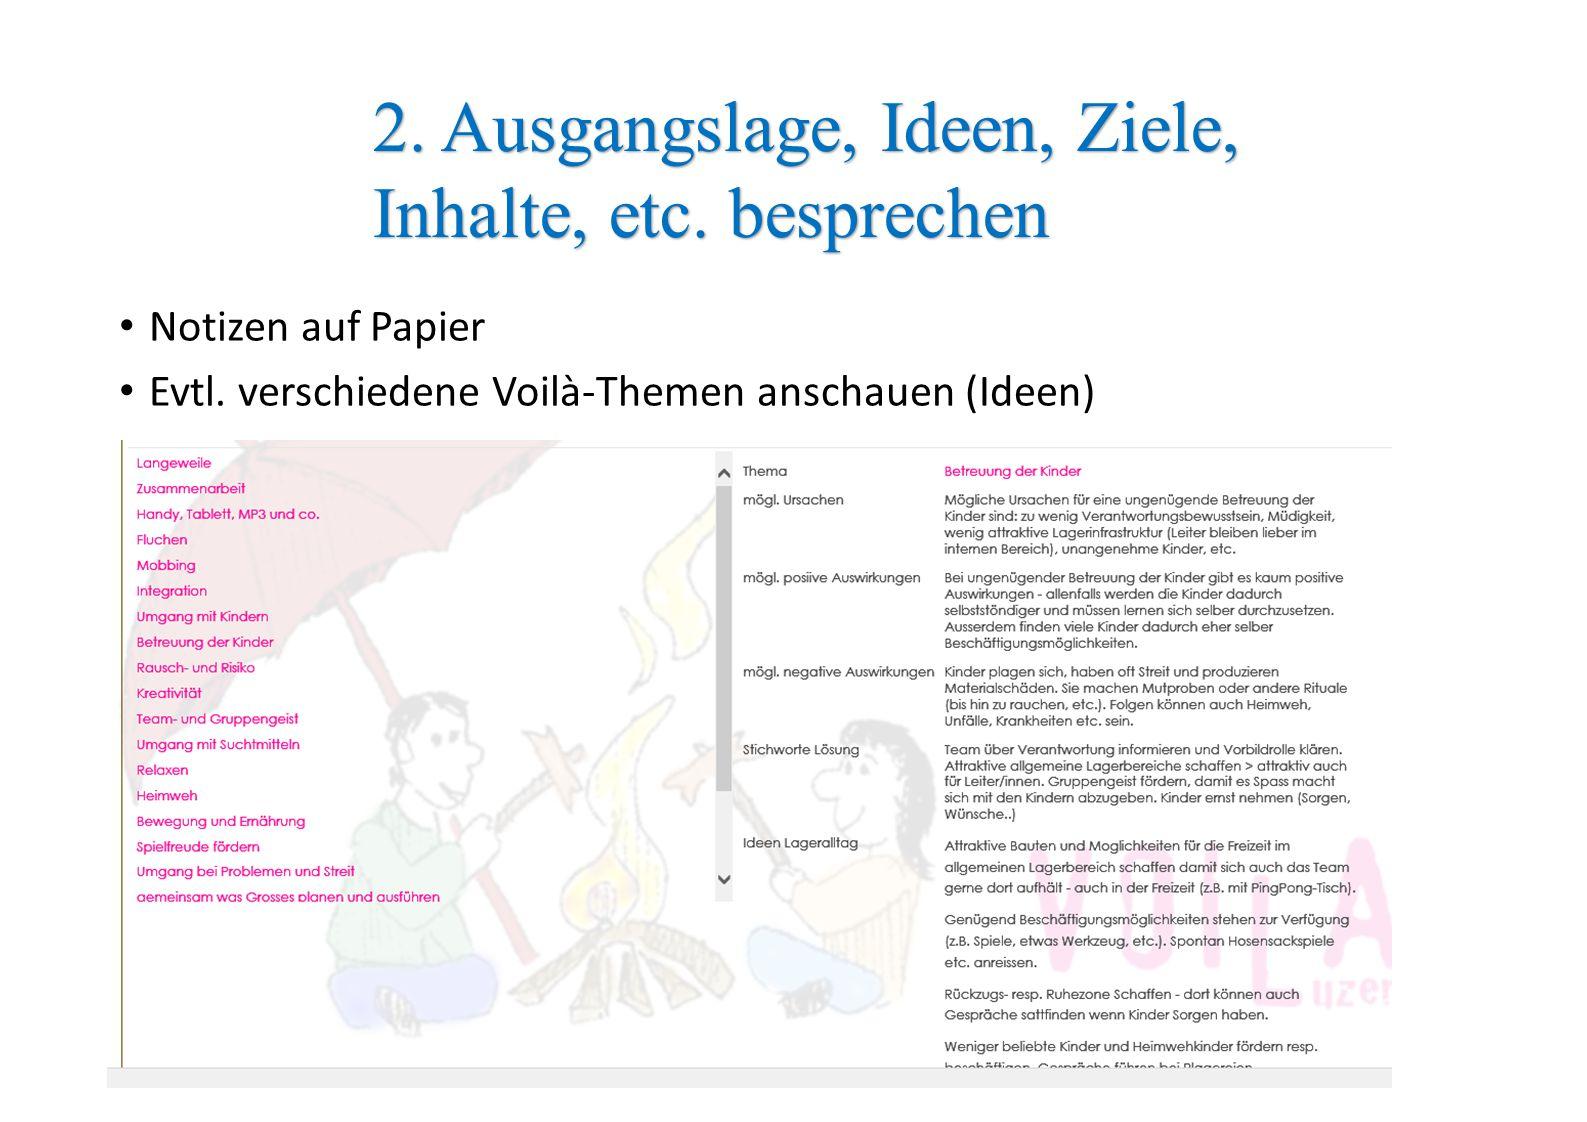 Notizen auf Papier Evtl. verschiedene Voilà-Themen anschauen (Ideen) 2. Ausgangslage, Ideen, Ziele, Inhalte, etc. besprechen